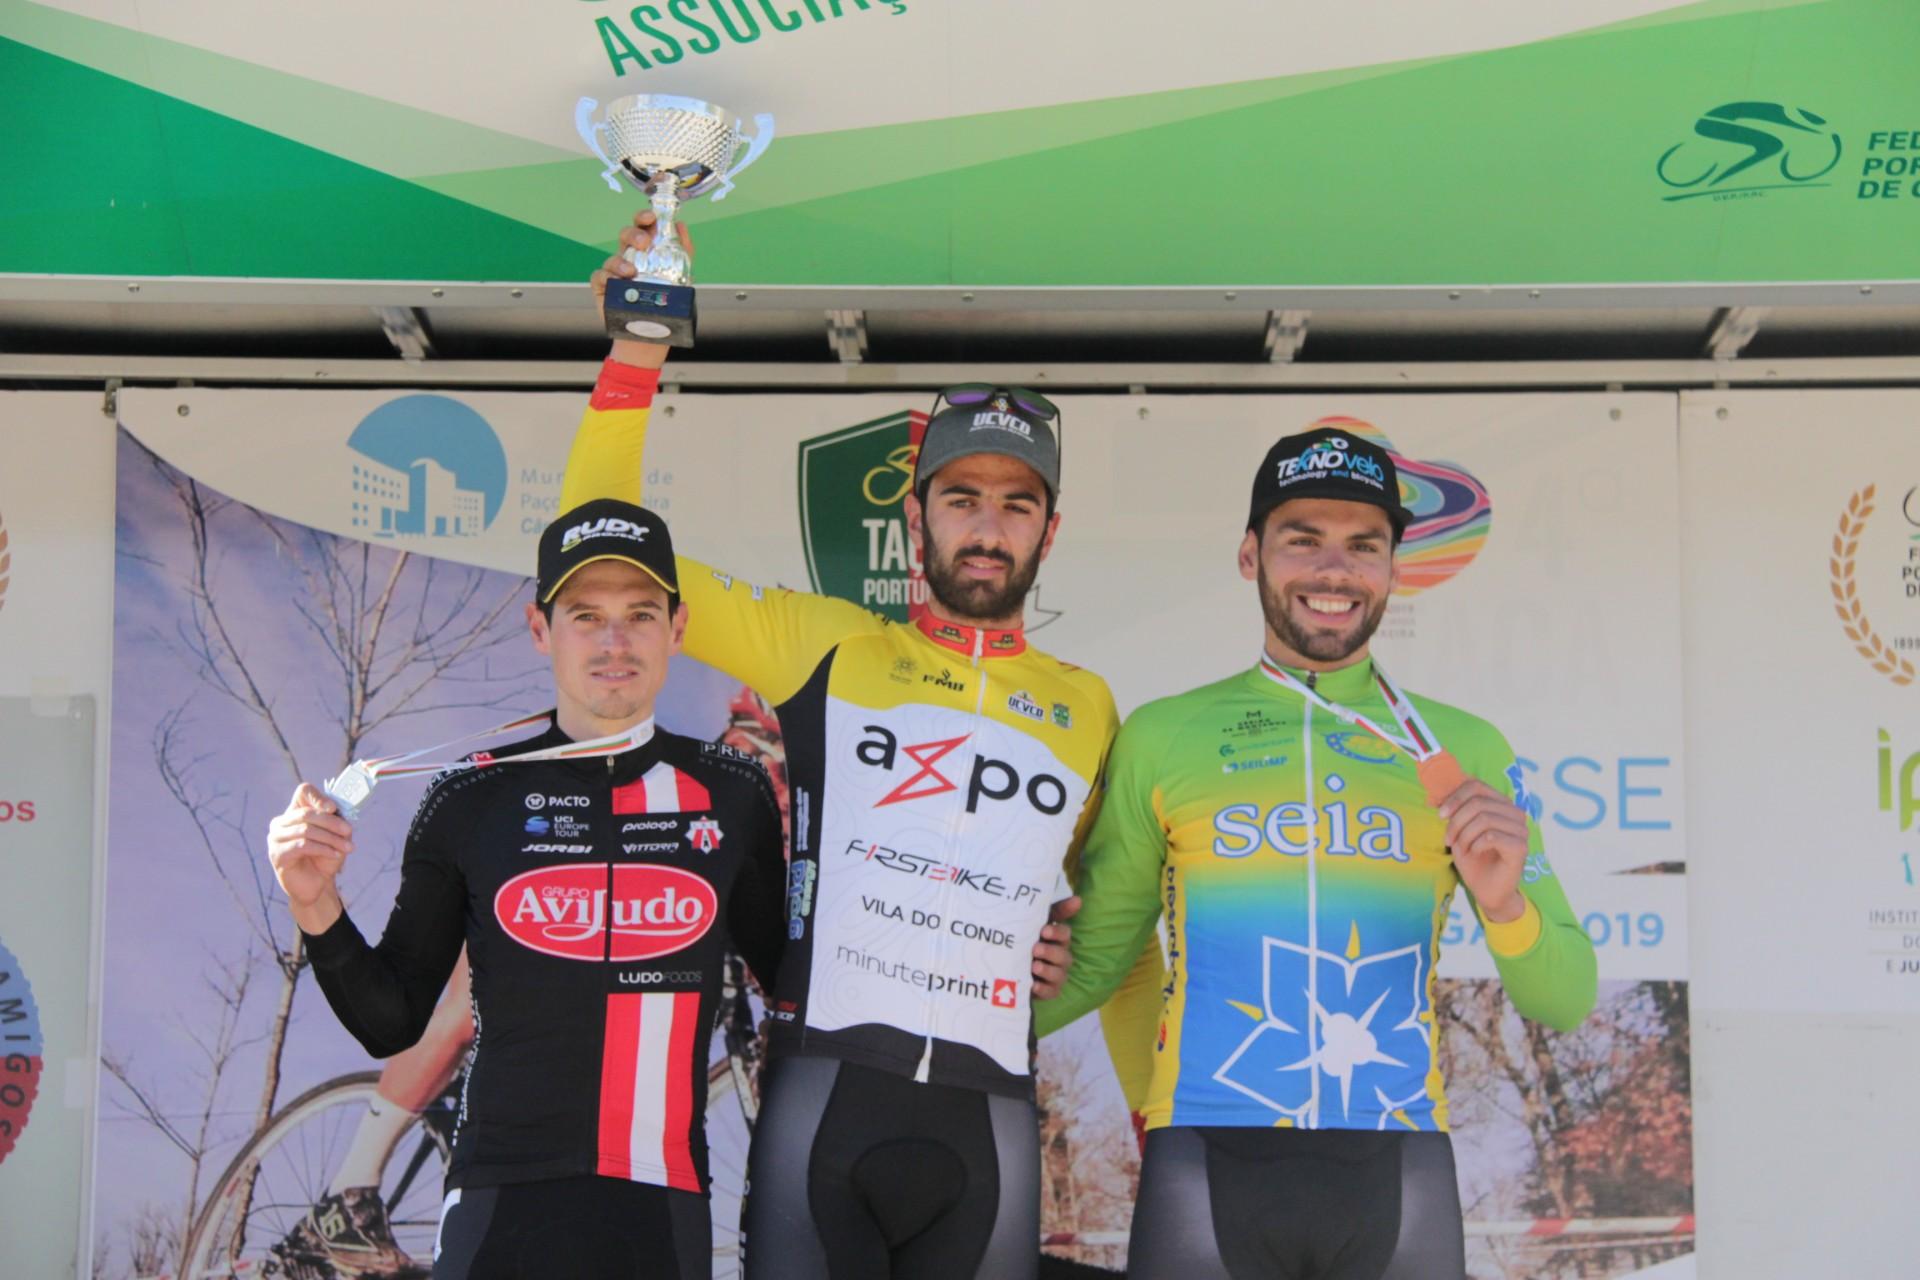 Mário Costa e Ana Santos são os vencedores da Taça de Ciclocrosse